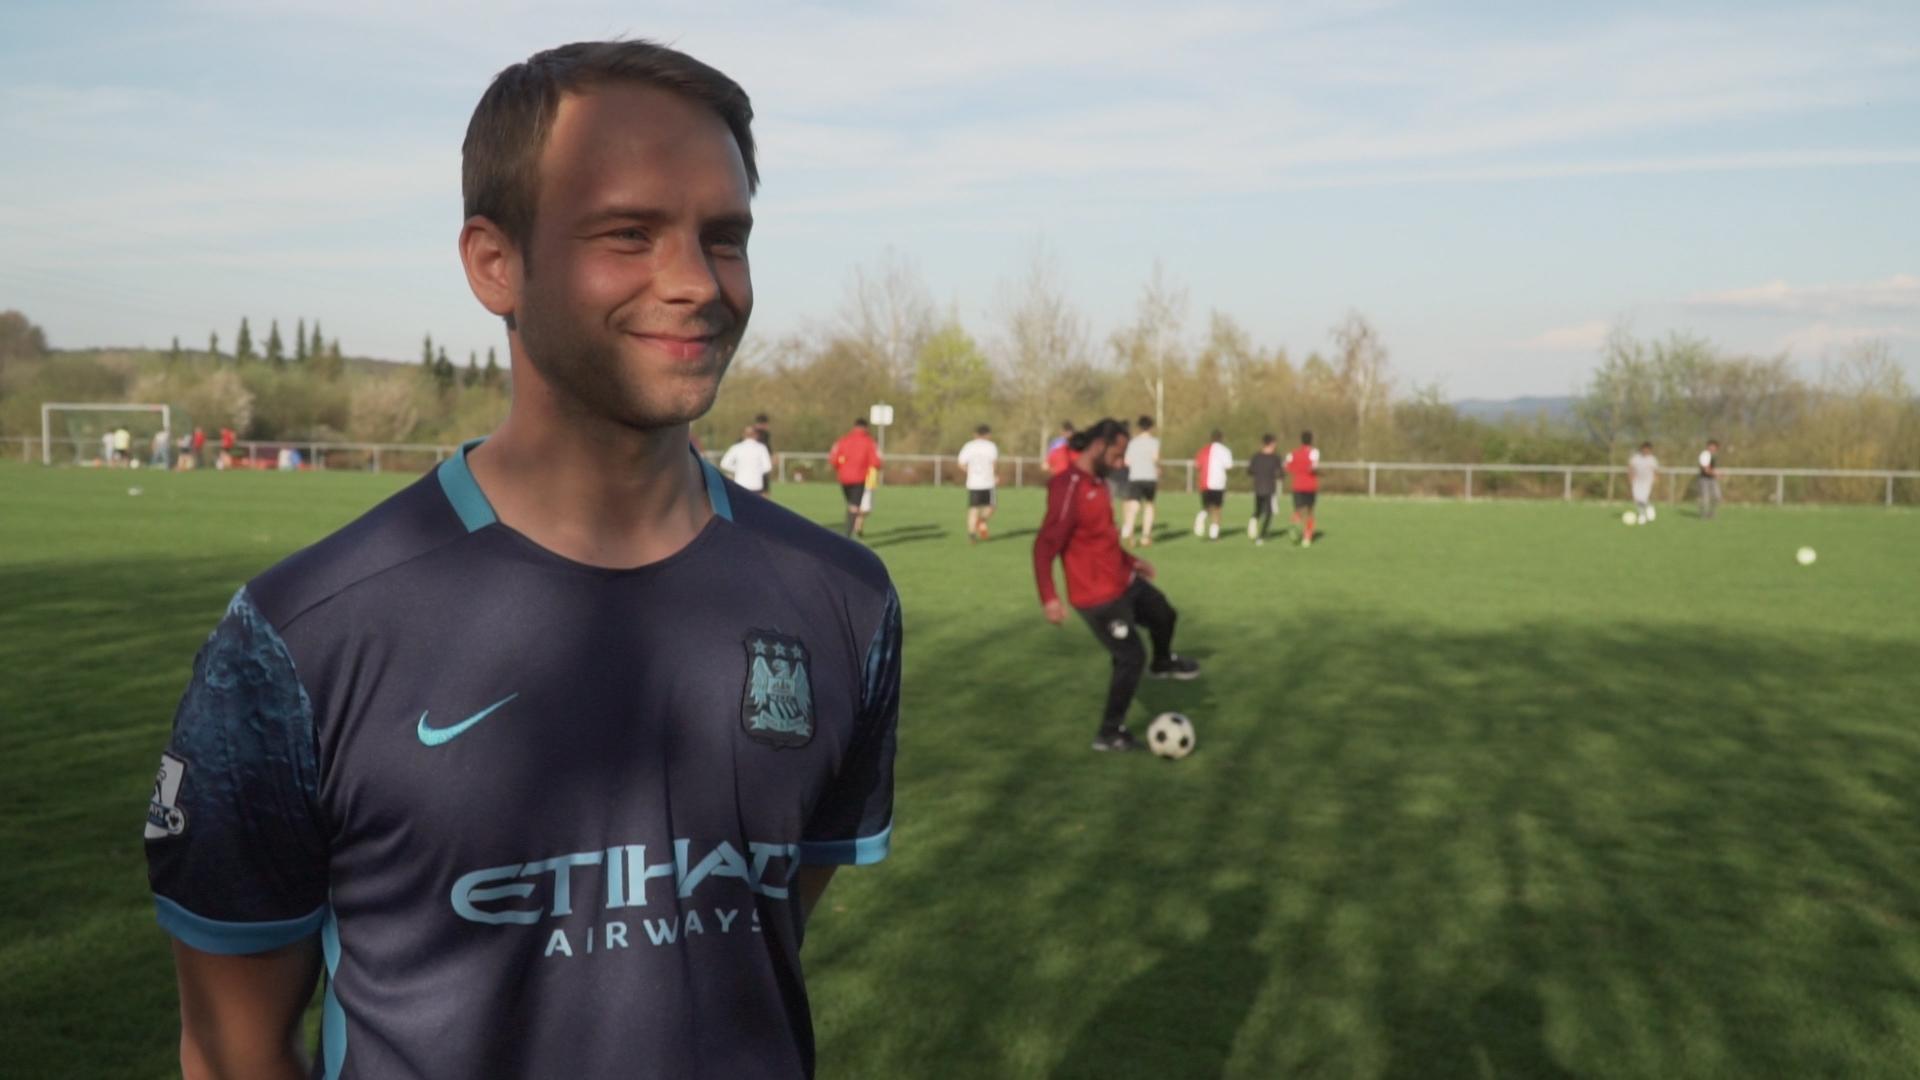 Mariusz ist stolz, für den SV Aschenberg United spielen zu können.